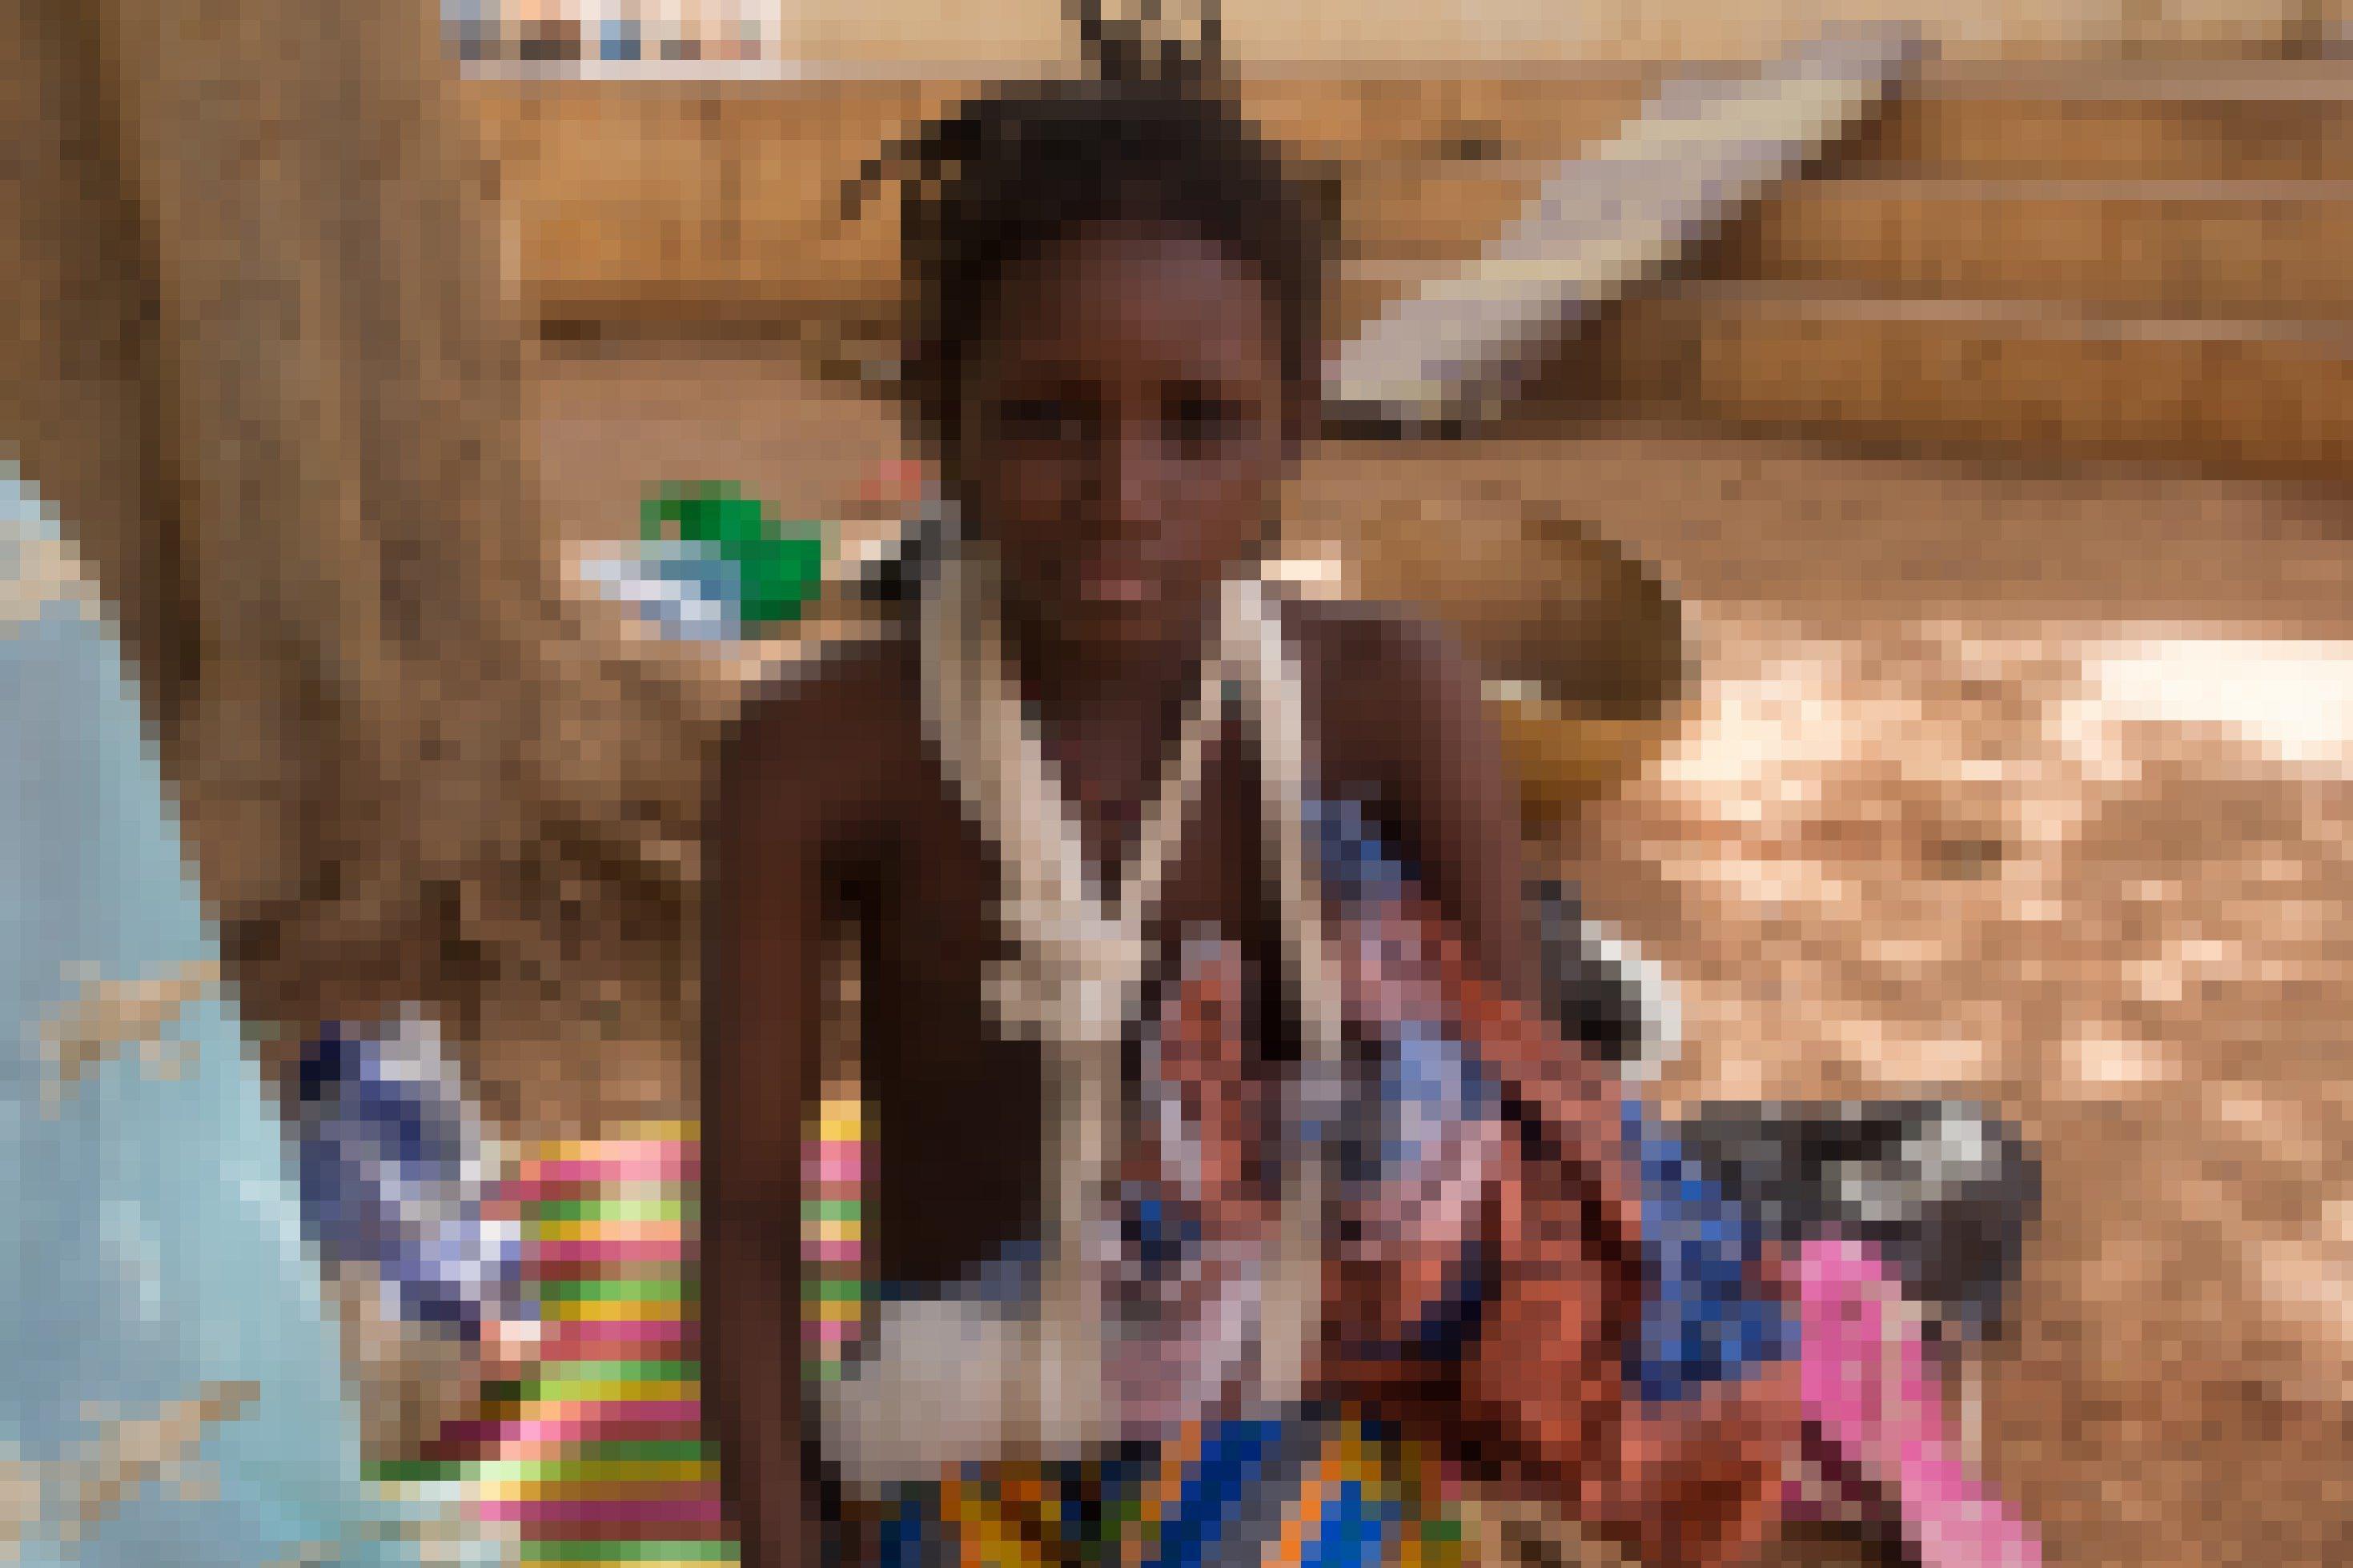 Man sieht ein Mädchen, die 12-jährige Fatima ist 12Jahre alt. Ihr Arm ist bandagiert und in einer Schlaufe. Sie hat ein Massaker an Falbe-Bewohnern des Dorfes Ogossagou im Zentrum von Mali überlebt.